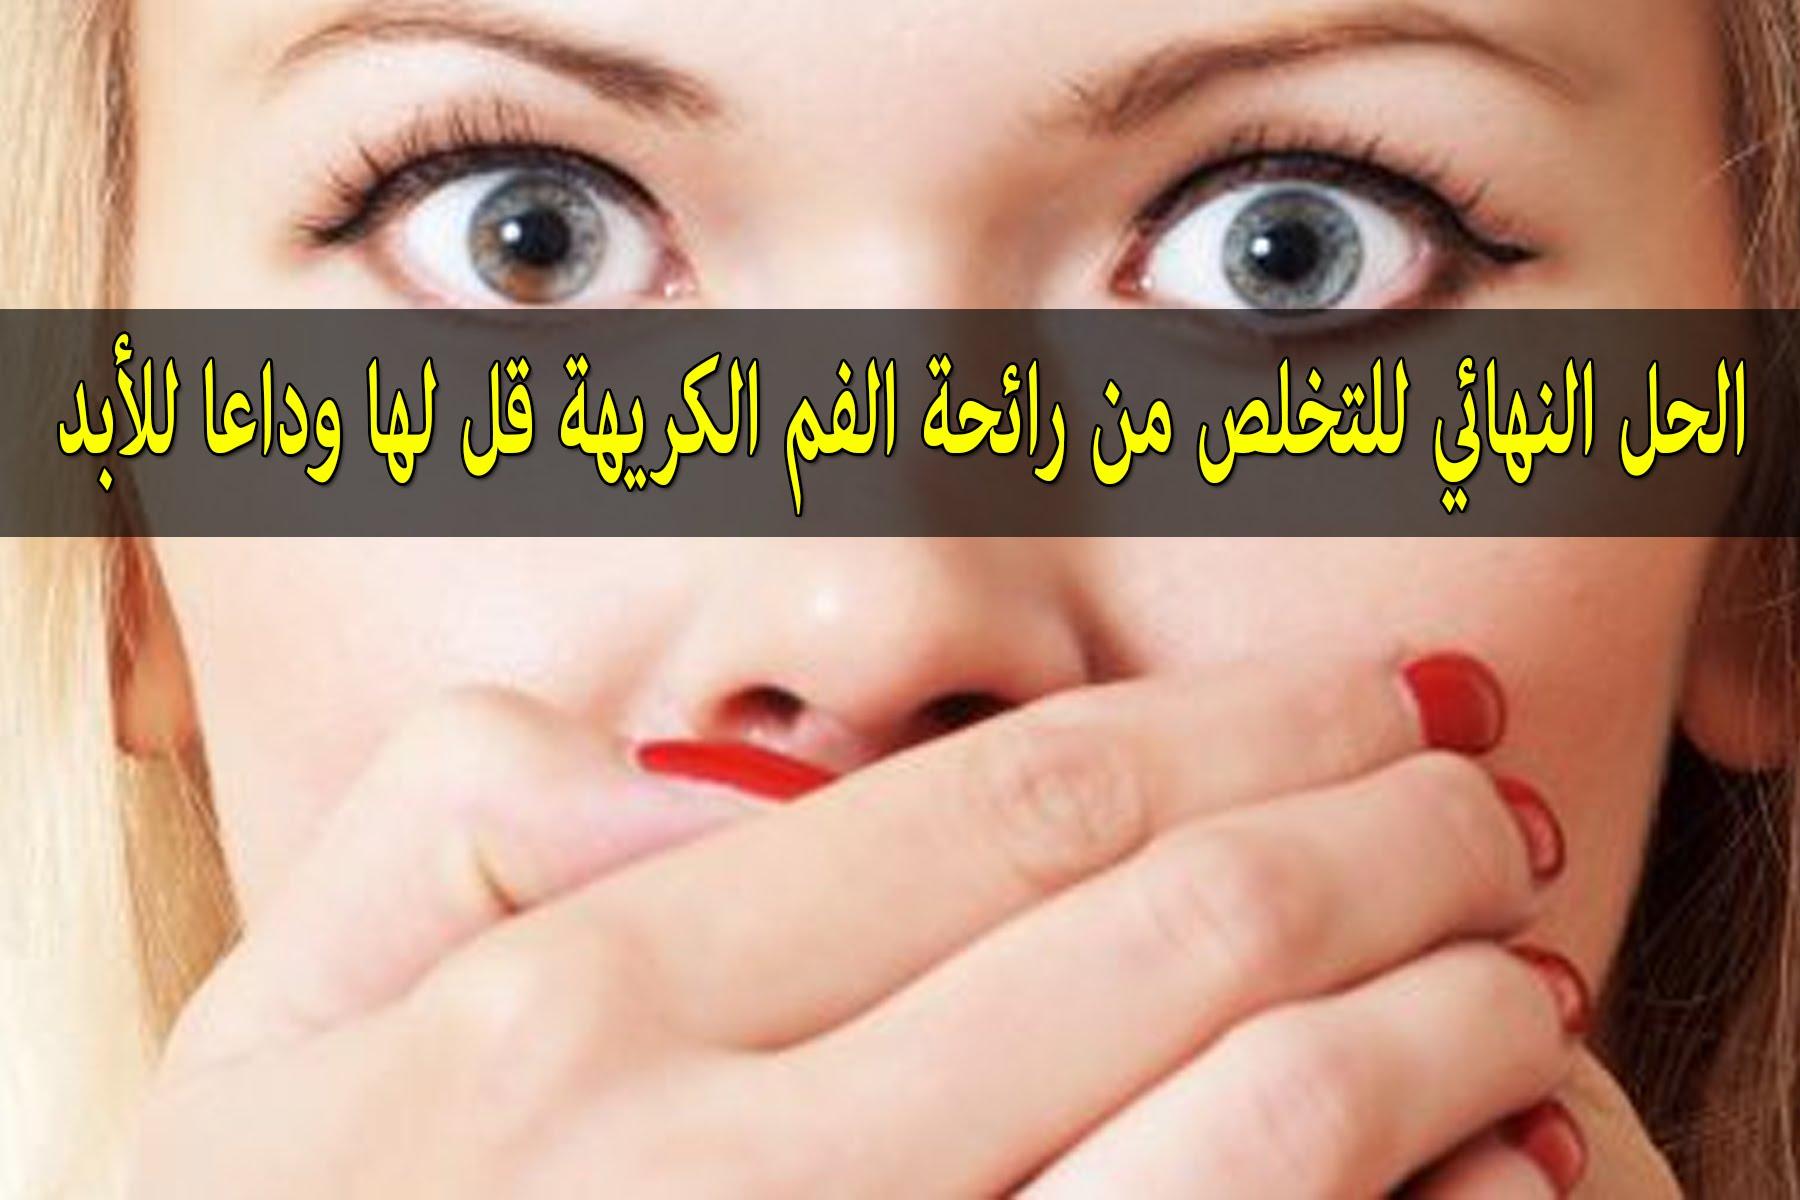 بالصور علاج رائحة الفم الكريهة , طريقة حل مشكلة رائحة الفم 3904 3